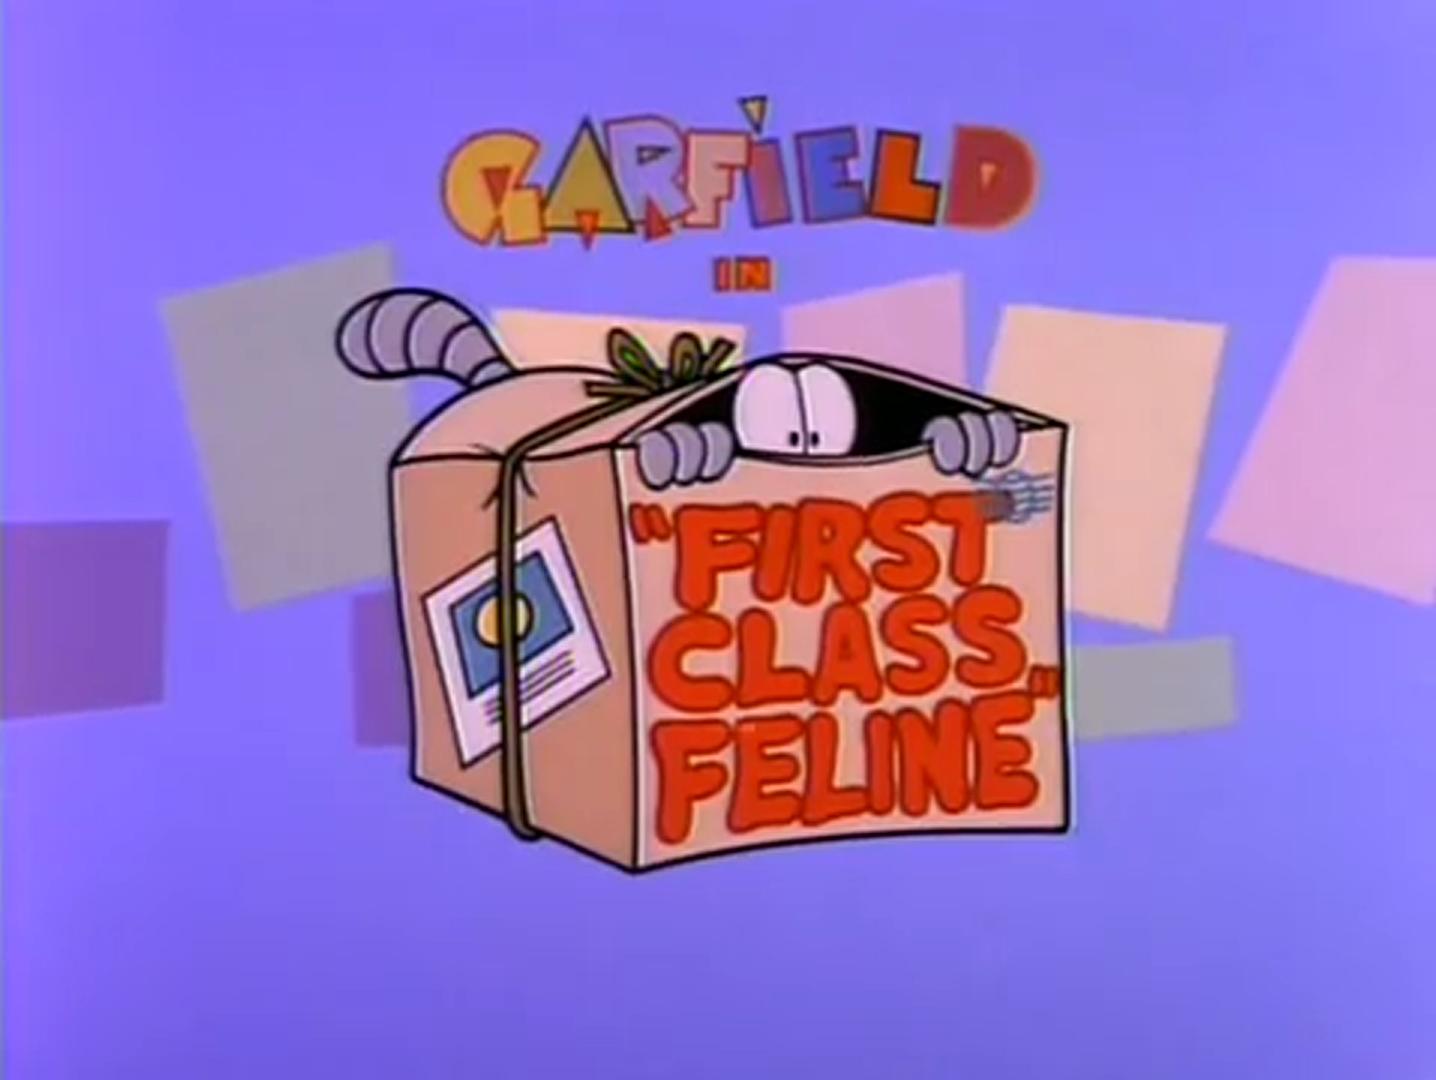 First Class Feline